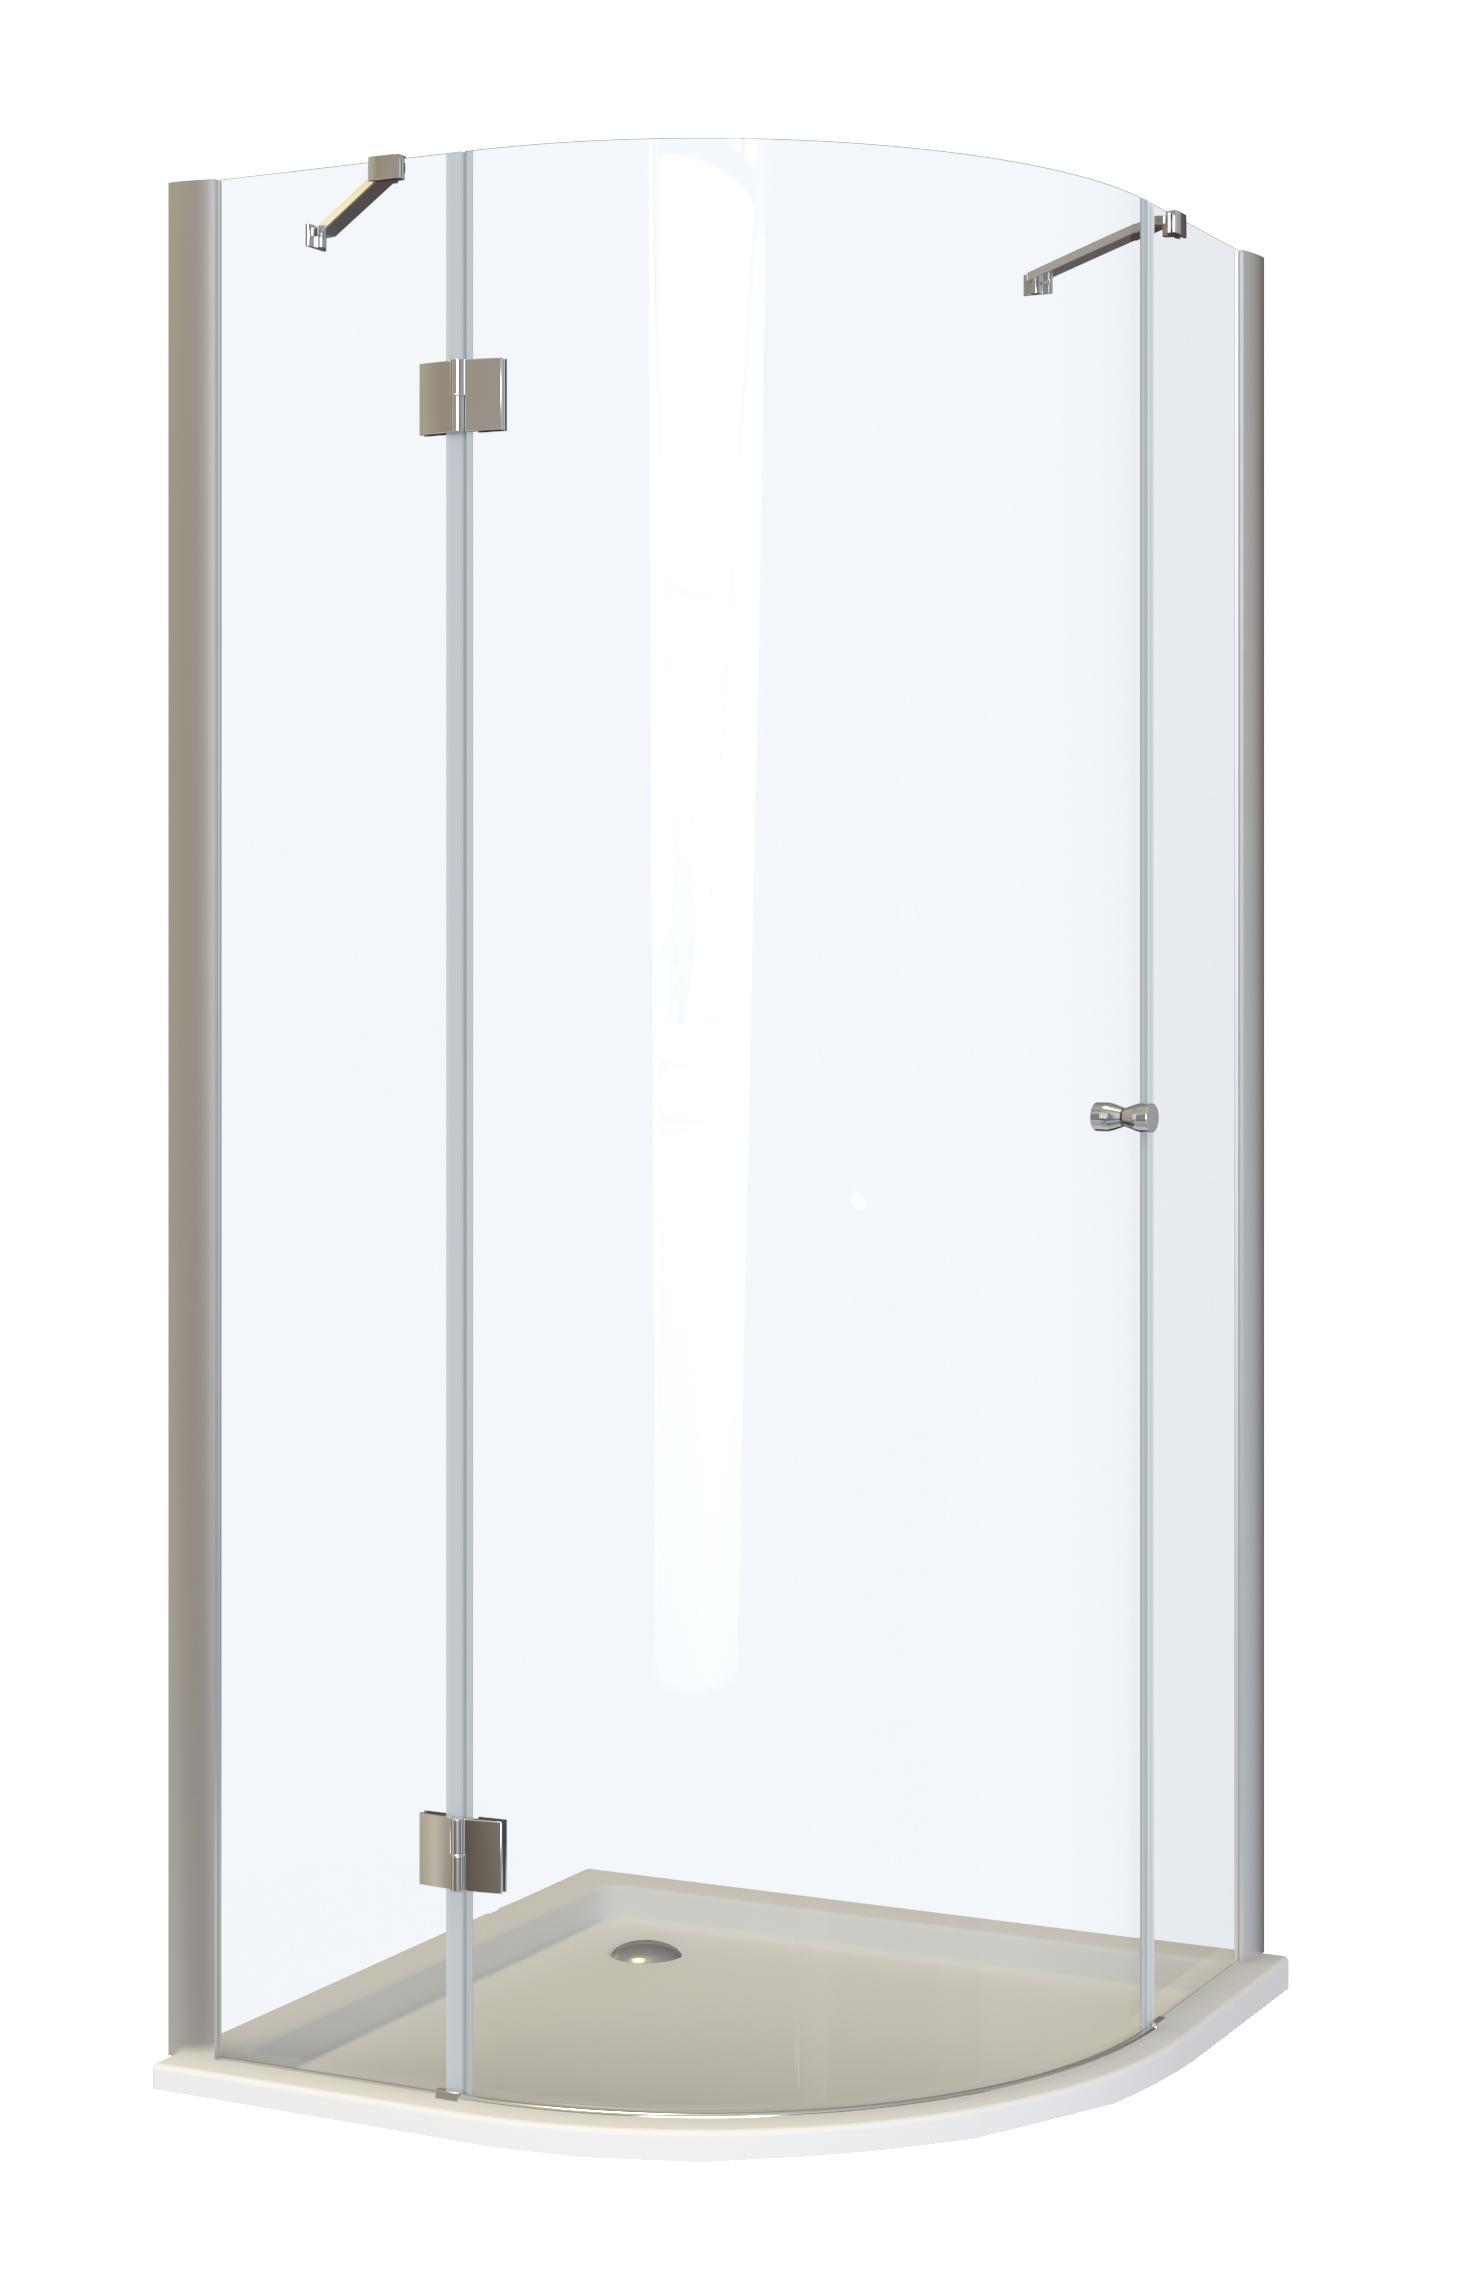 RIMINI L90 MRAMOR Well Čtvrtkruhový sprchový kout s mramorovou vaničkou - levé otevírání, skladem